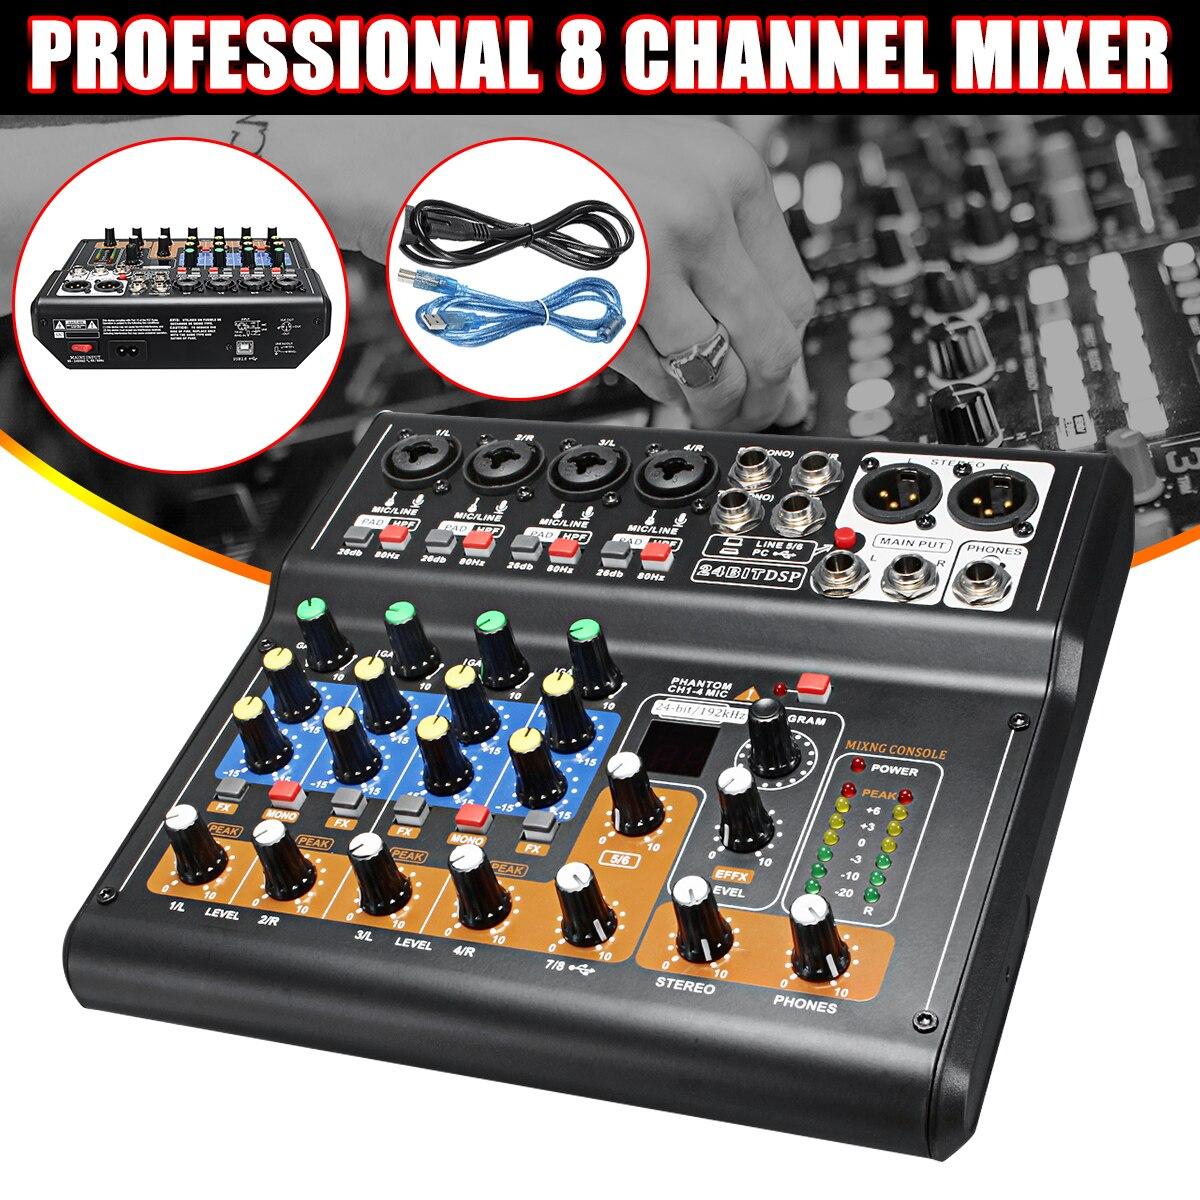 Kinco Мини Портативный миксер 8 каналов Professional Live Studio аудио KTV Караоке миксер USB микшерный пульт 48 В в для семьи KTV